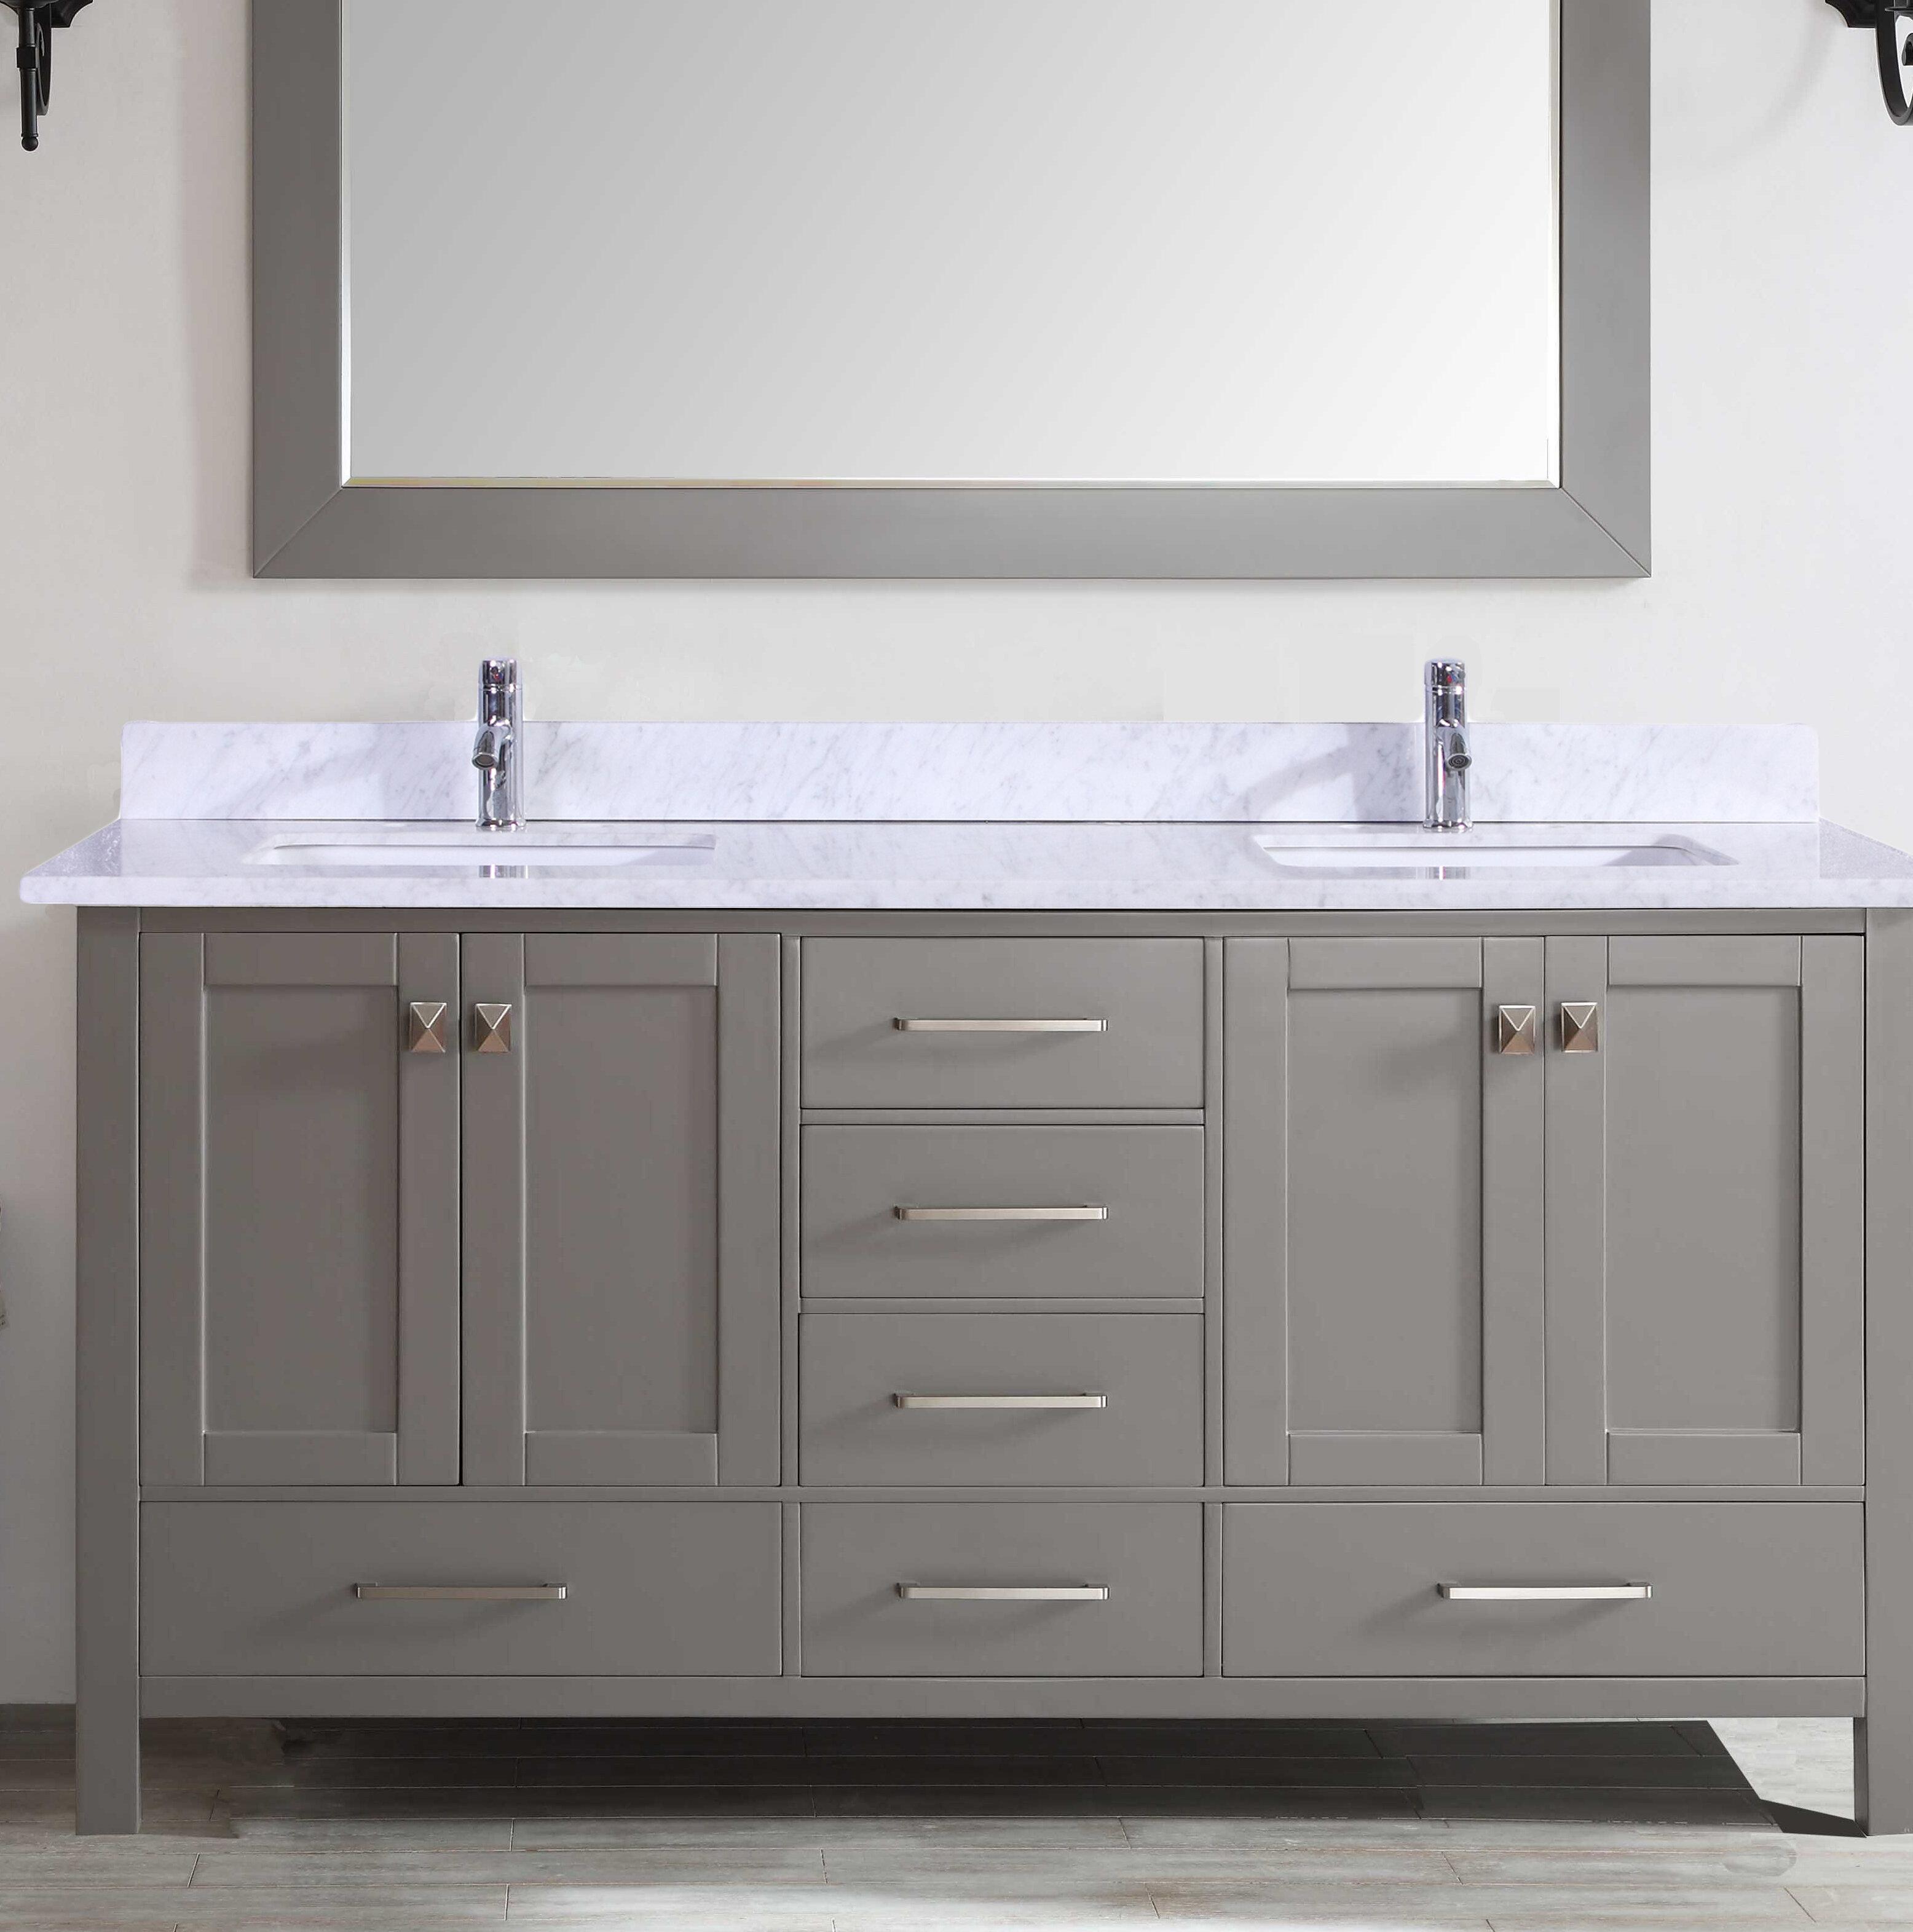 Brayden studio zeringue 84 double bathroom vanity set wayfair